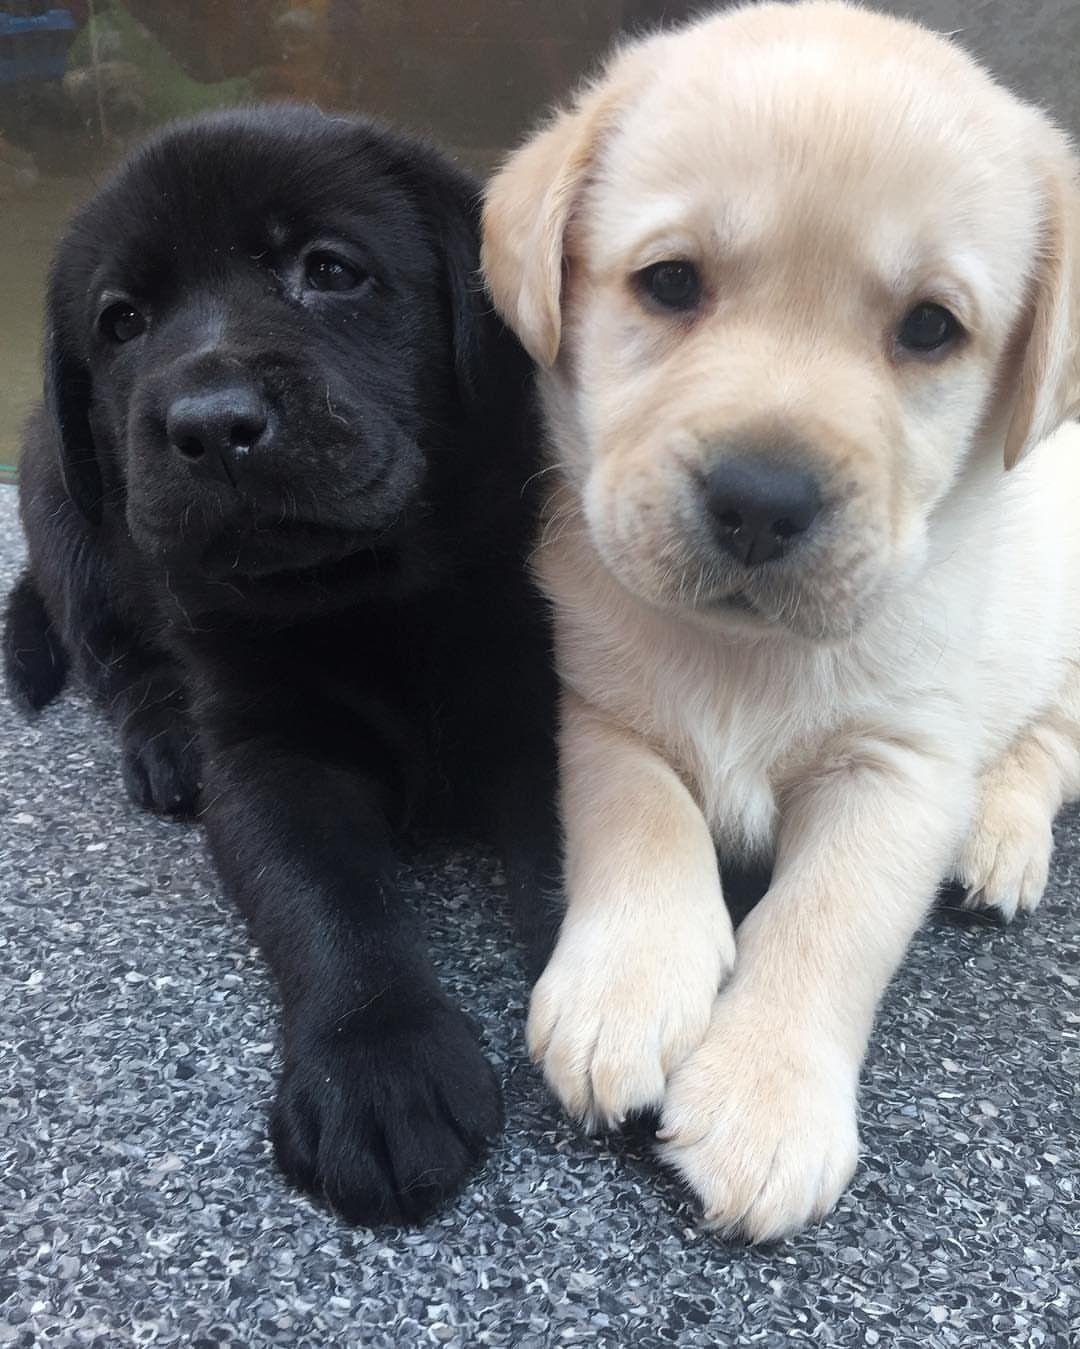 Labrador Retriever Pups Classic Look Labradorretriever Labradorpuppy Doglovers Labrador Retriever Labrador Retriever Puppies Retriever Puppy